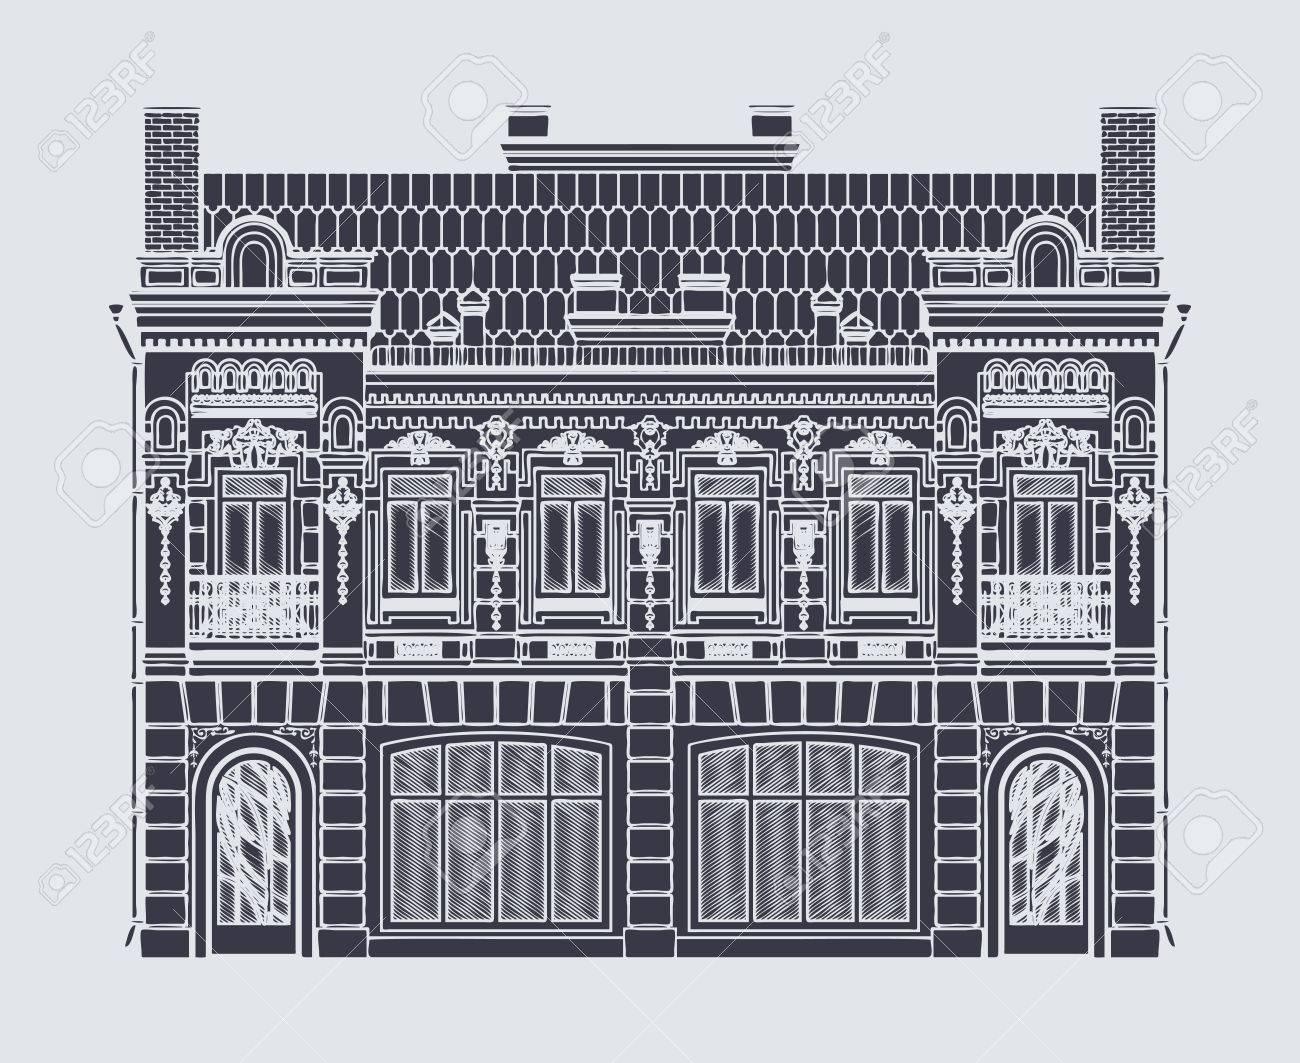 Dessin Vectoriel De Deux Etages Immeuble Ancien Dans Le Style